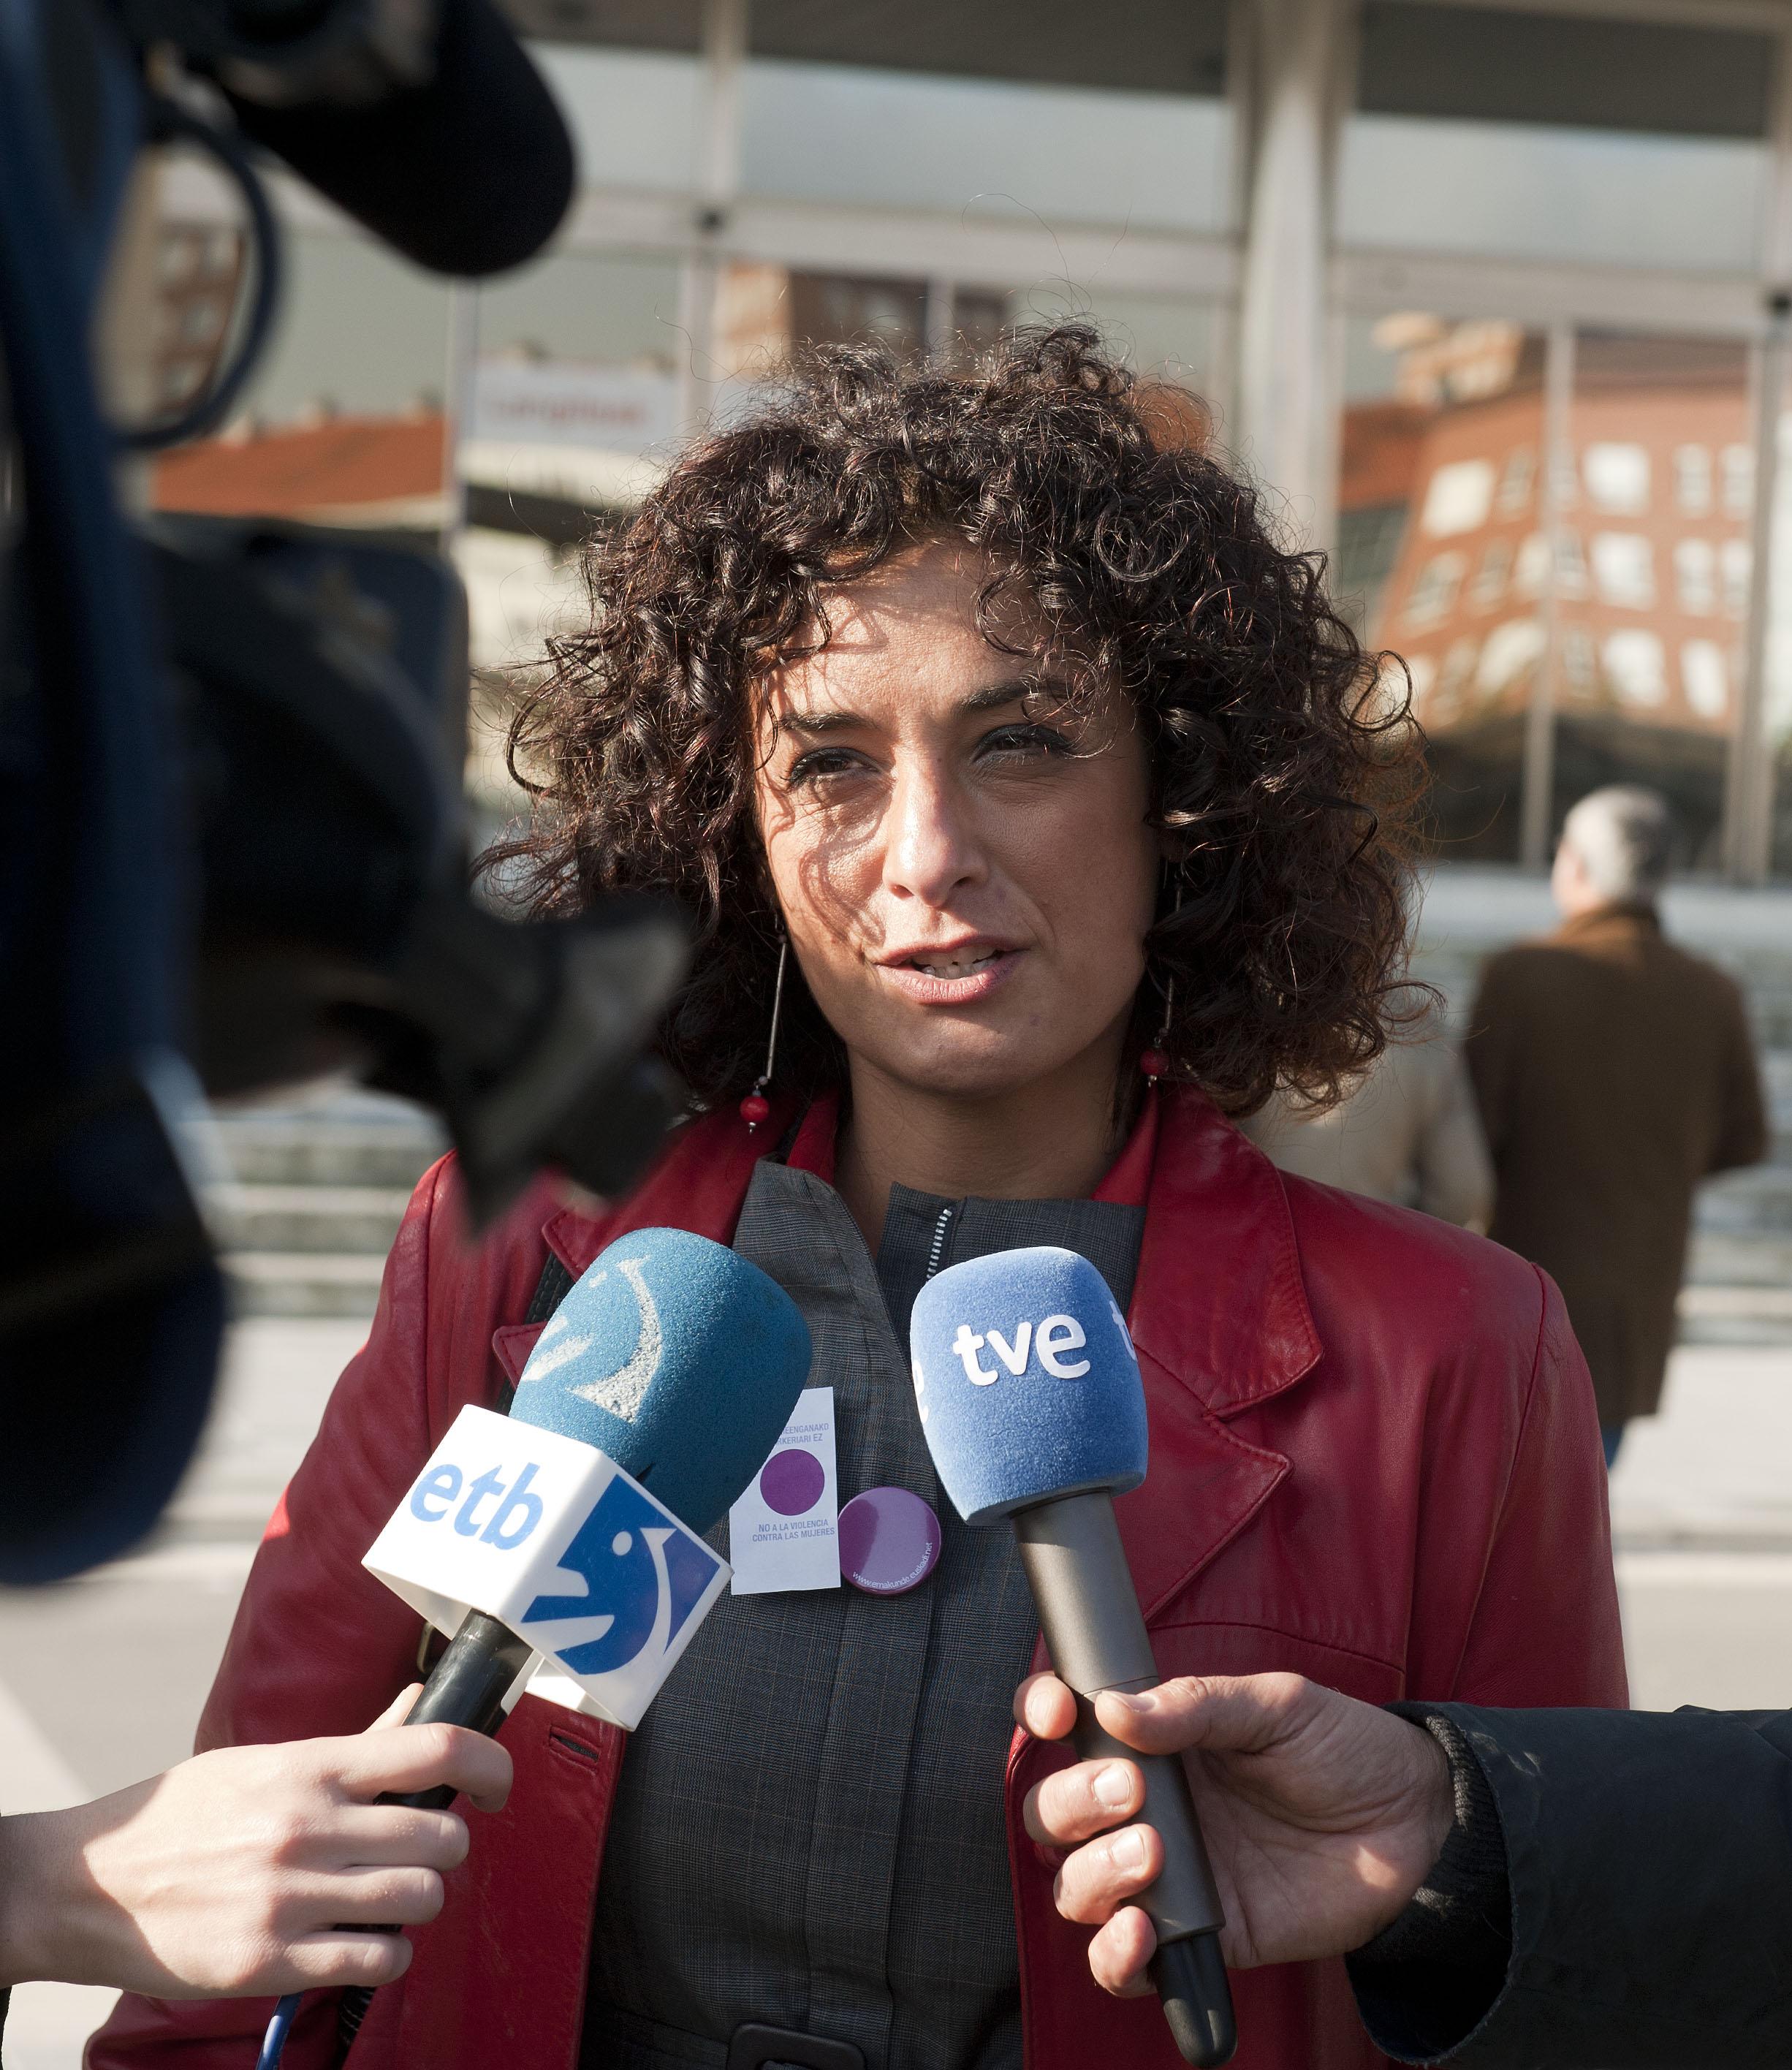 2011_11_25_lhk_concentracion_violencia_mujeres7.jpg